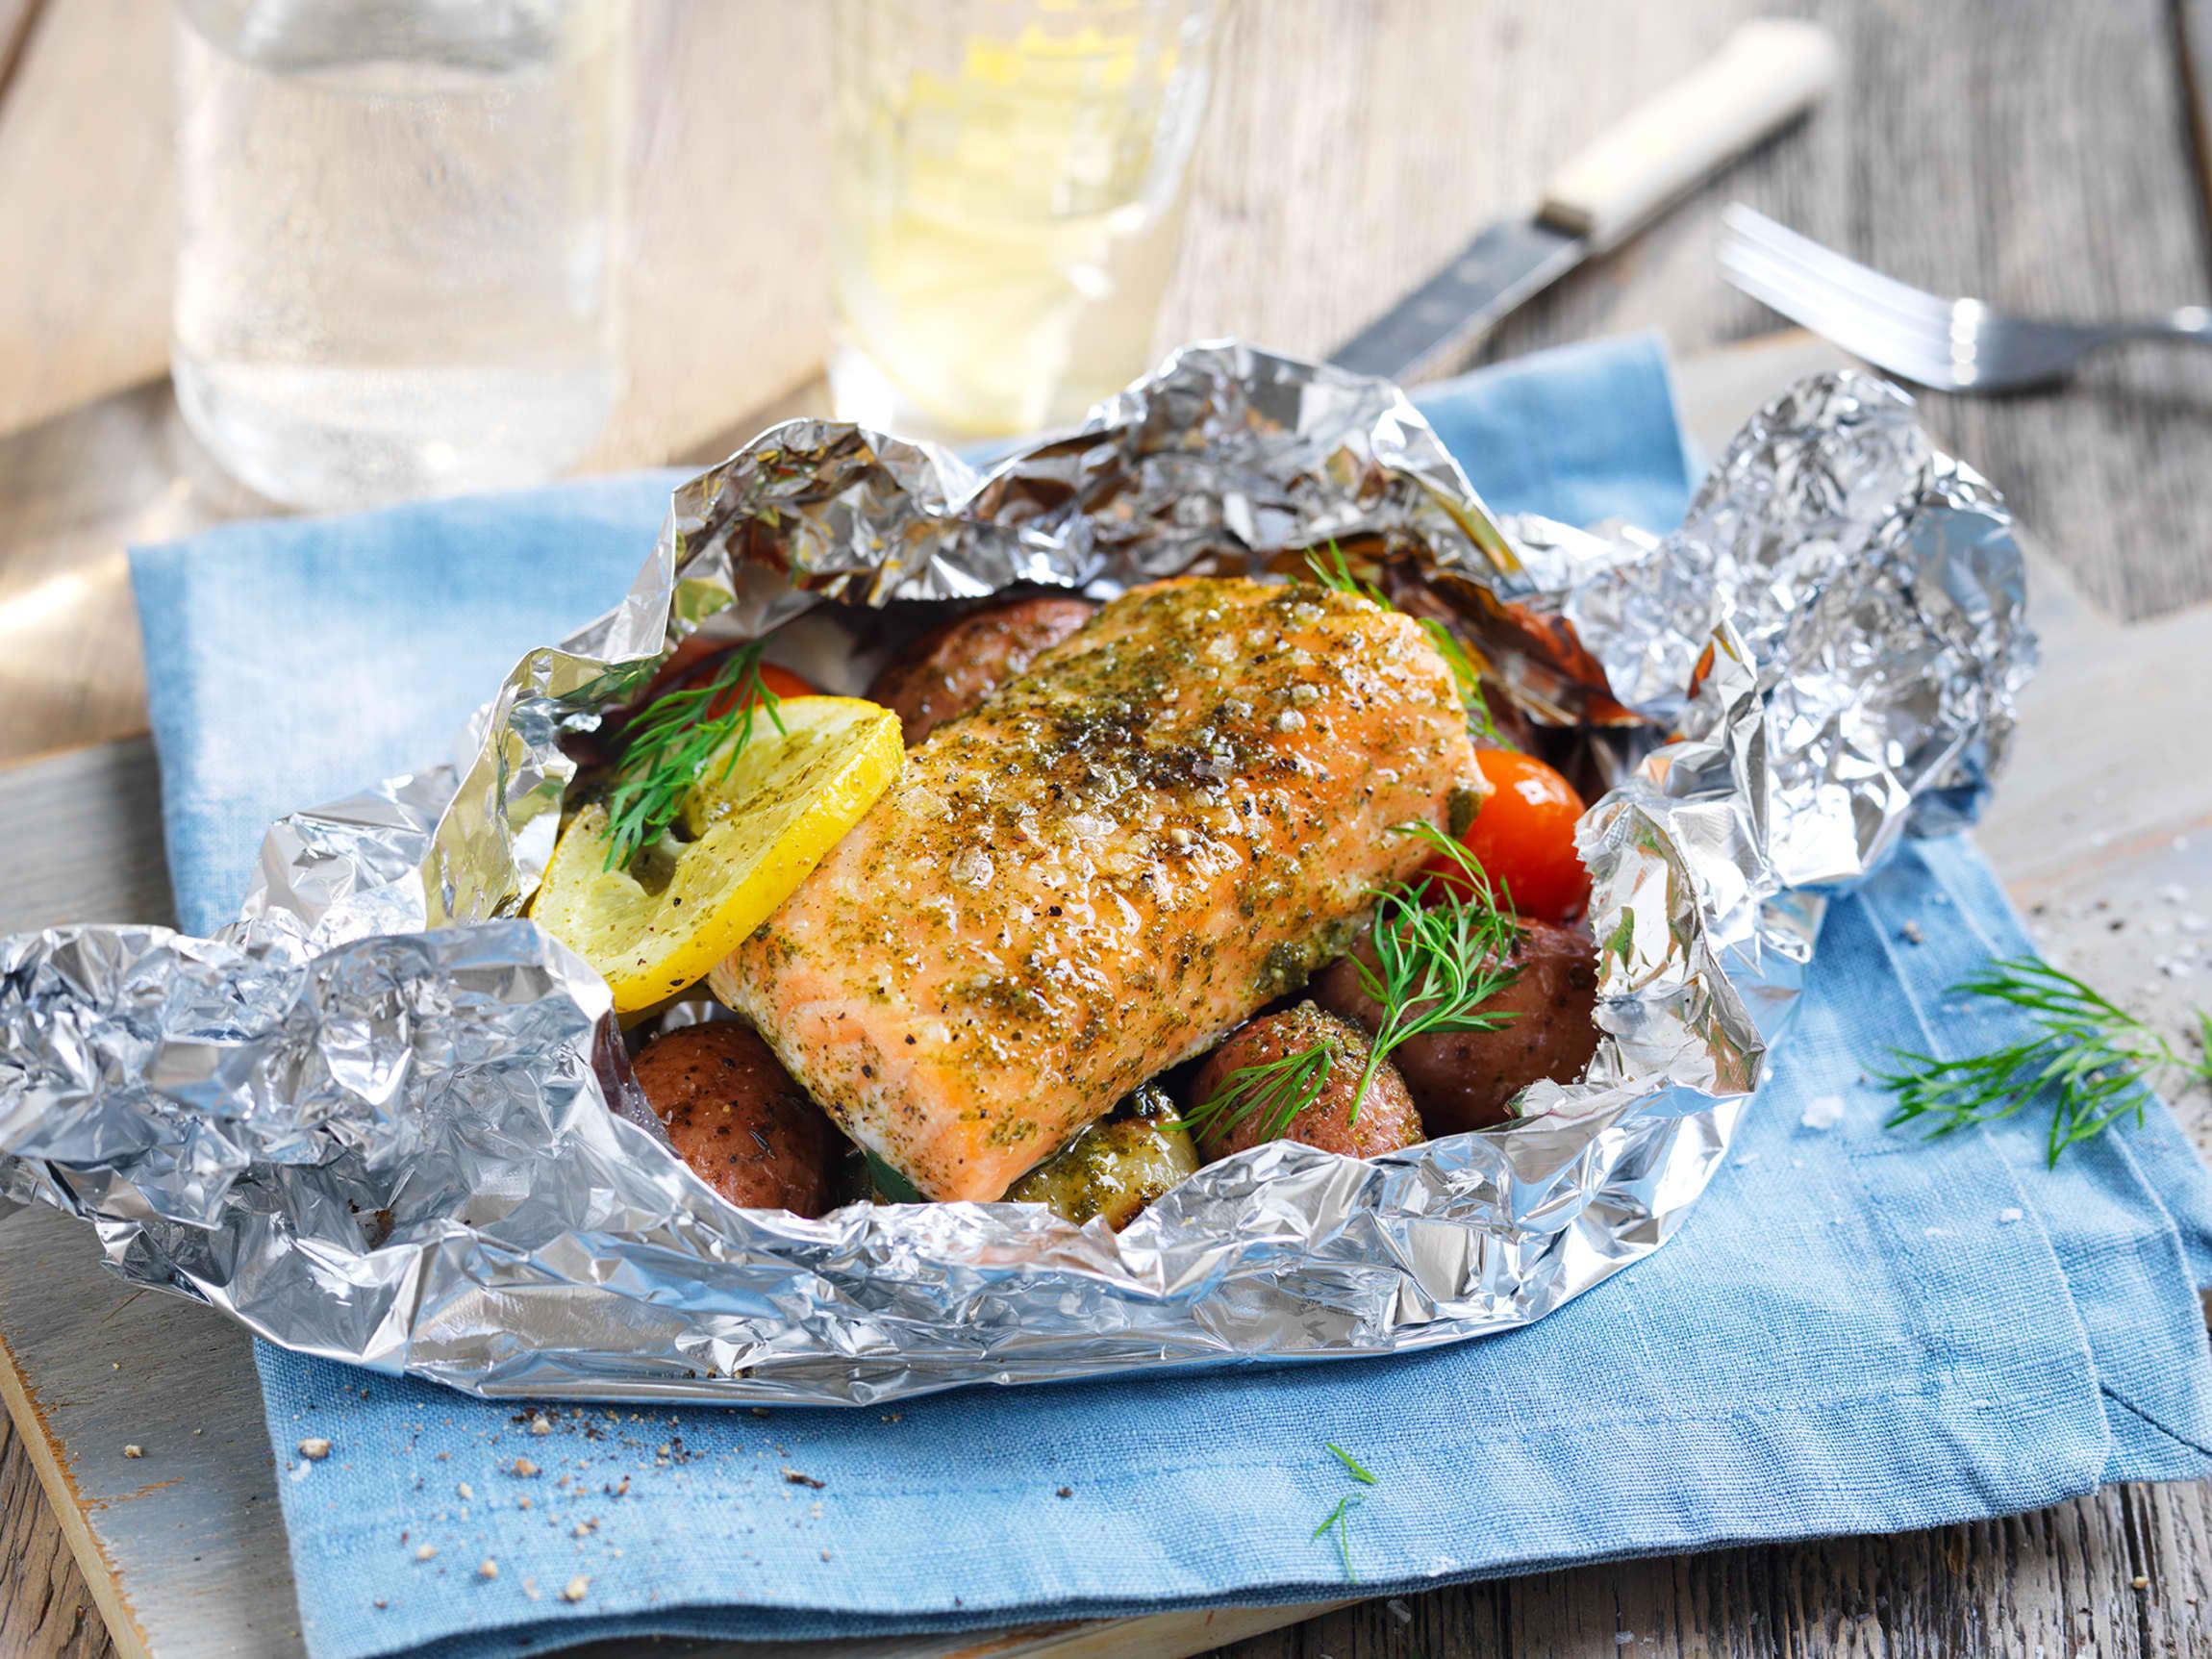 Laks i folie er en enkel og rask middag. Og er været dårlig, kan du steke pakken med laks og grønnsaker i ovnen.